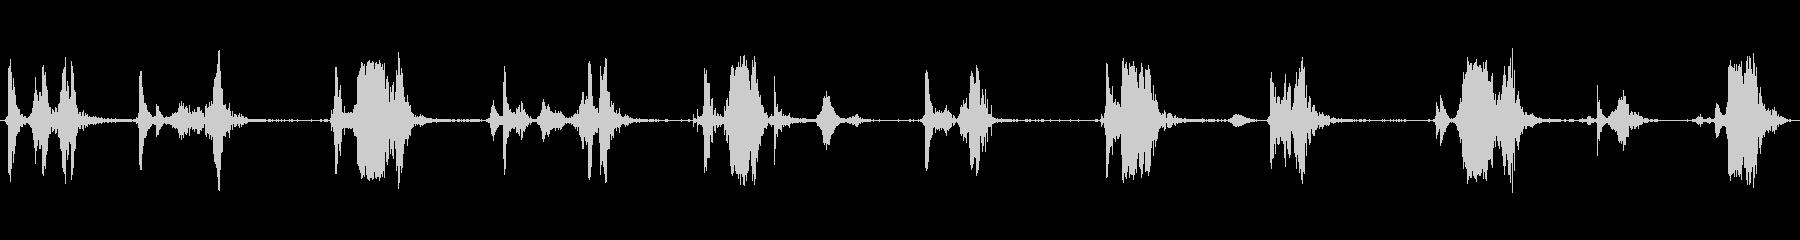 エンシェントウッドラッチ:オープン...の未再生の波形